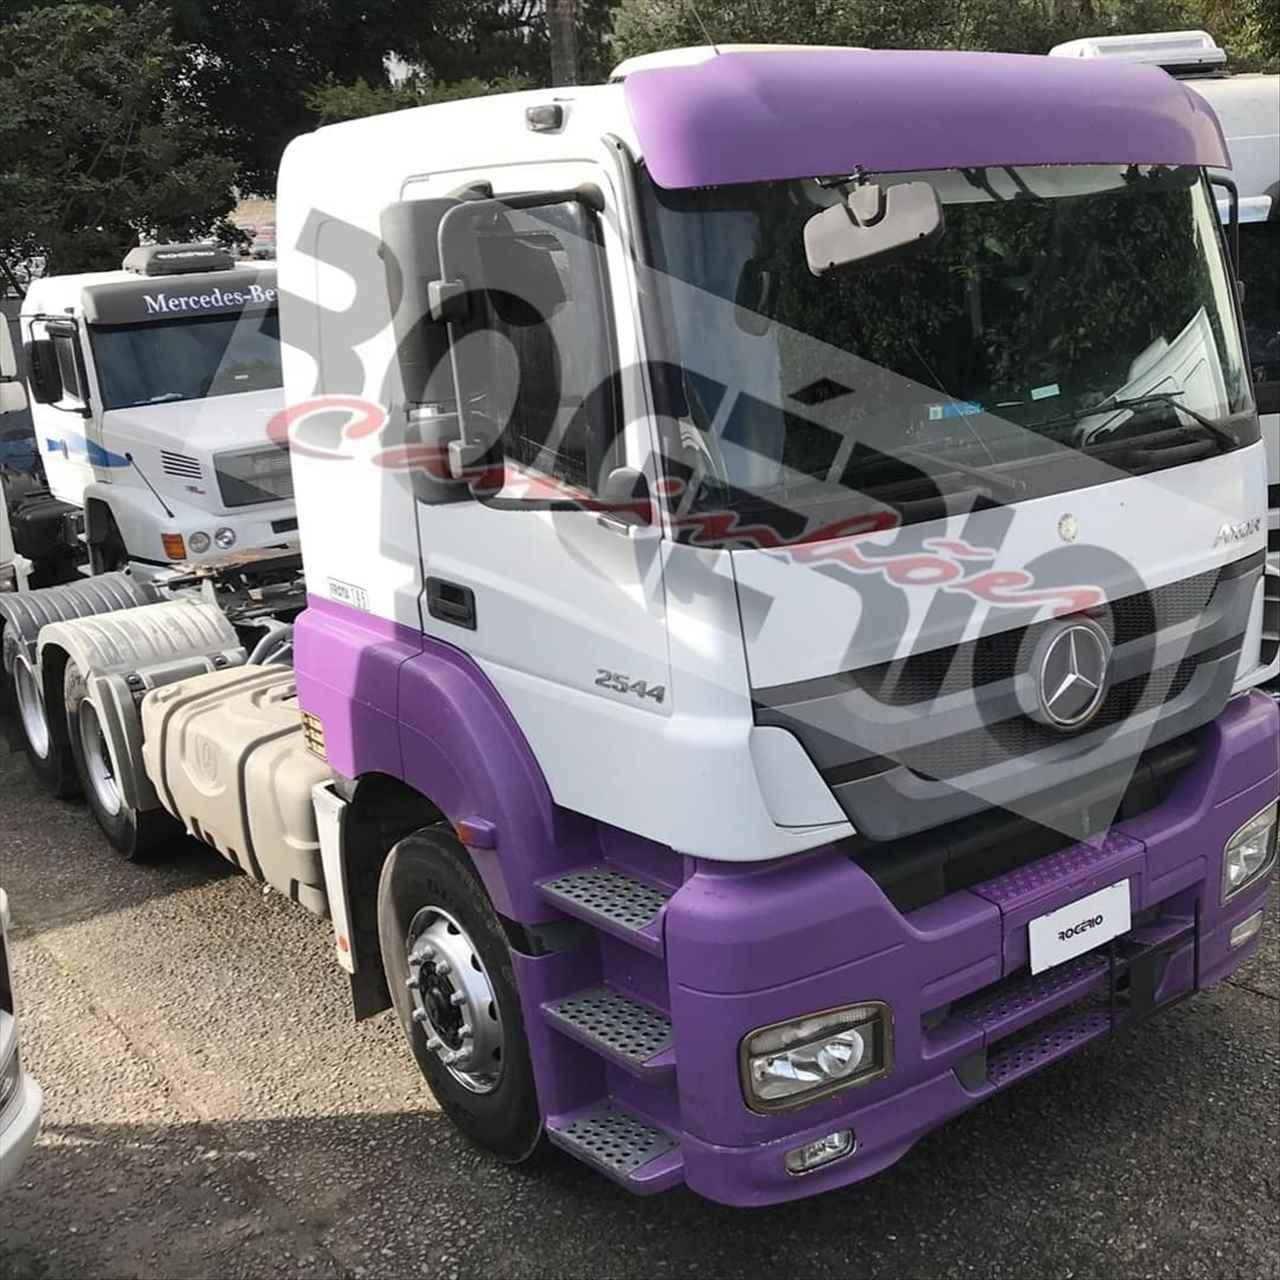 CAMINHAO MERCEDES-BENZ MB 2544 Cavalo Mecânico Truck 6x2 Rogério Caminhões SAO BERNARDO DO CAMPO SÃO PAULO SP